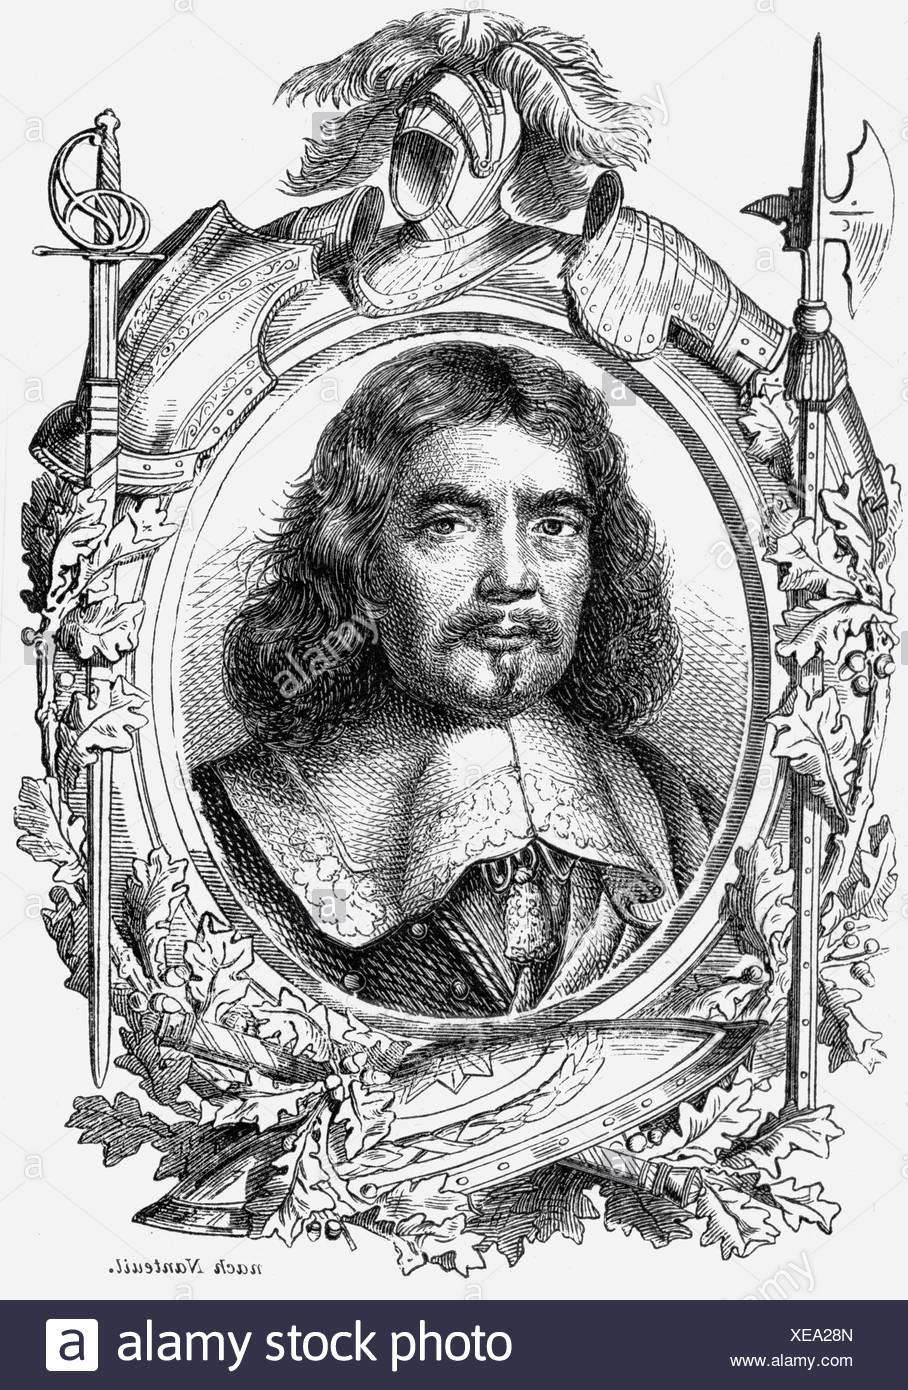 Turenne, Henri de Tour d' Auvergne Vicomte de, 11.9.1611 - 27.7.1679, French general, portrait, wood engraving, 19th century, , Additional-Rights-Clearances-NA - Stock Image